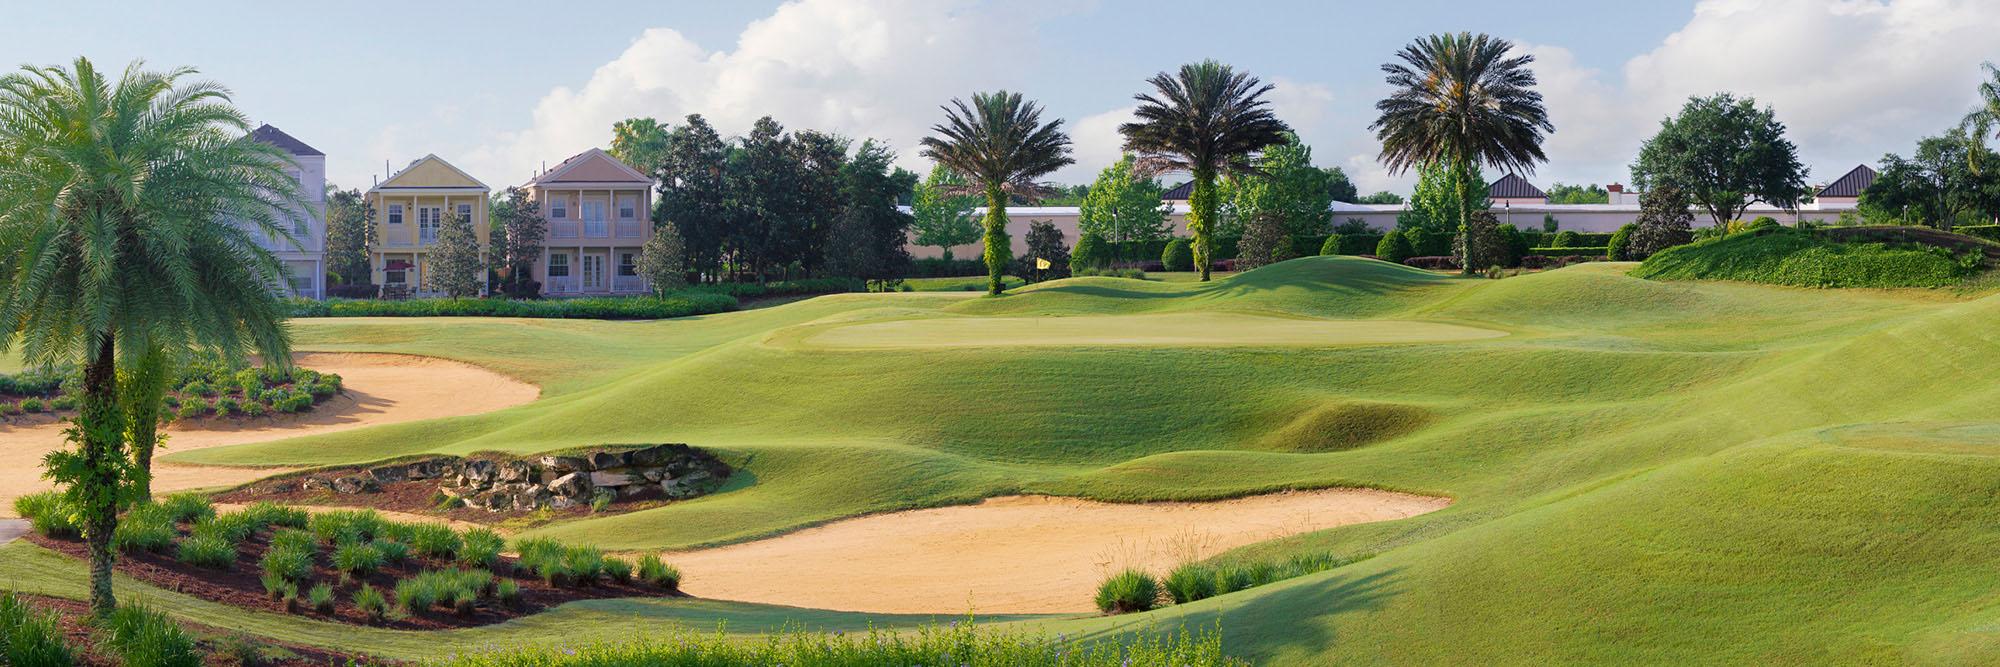 Golf Course Image - Reunion Resort Palmer No. 16